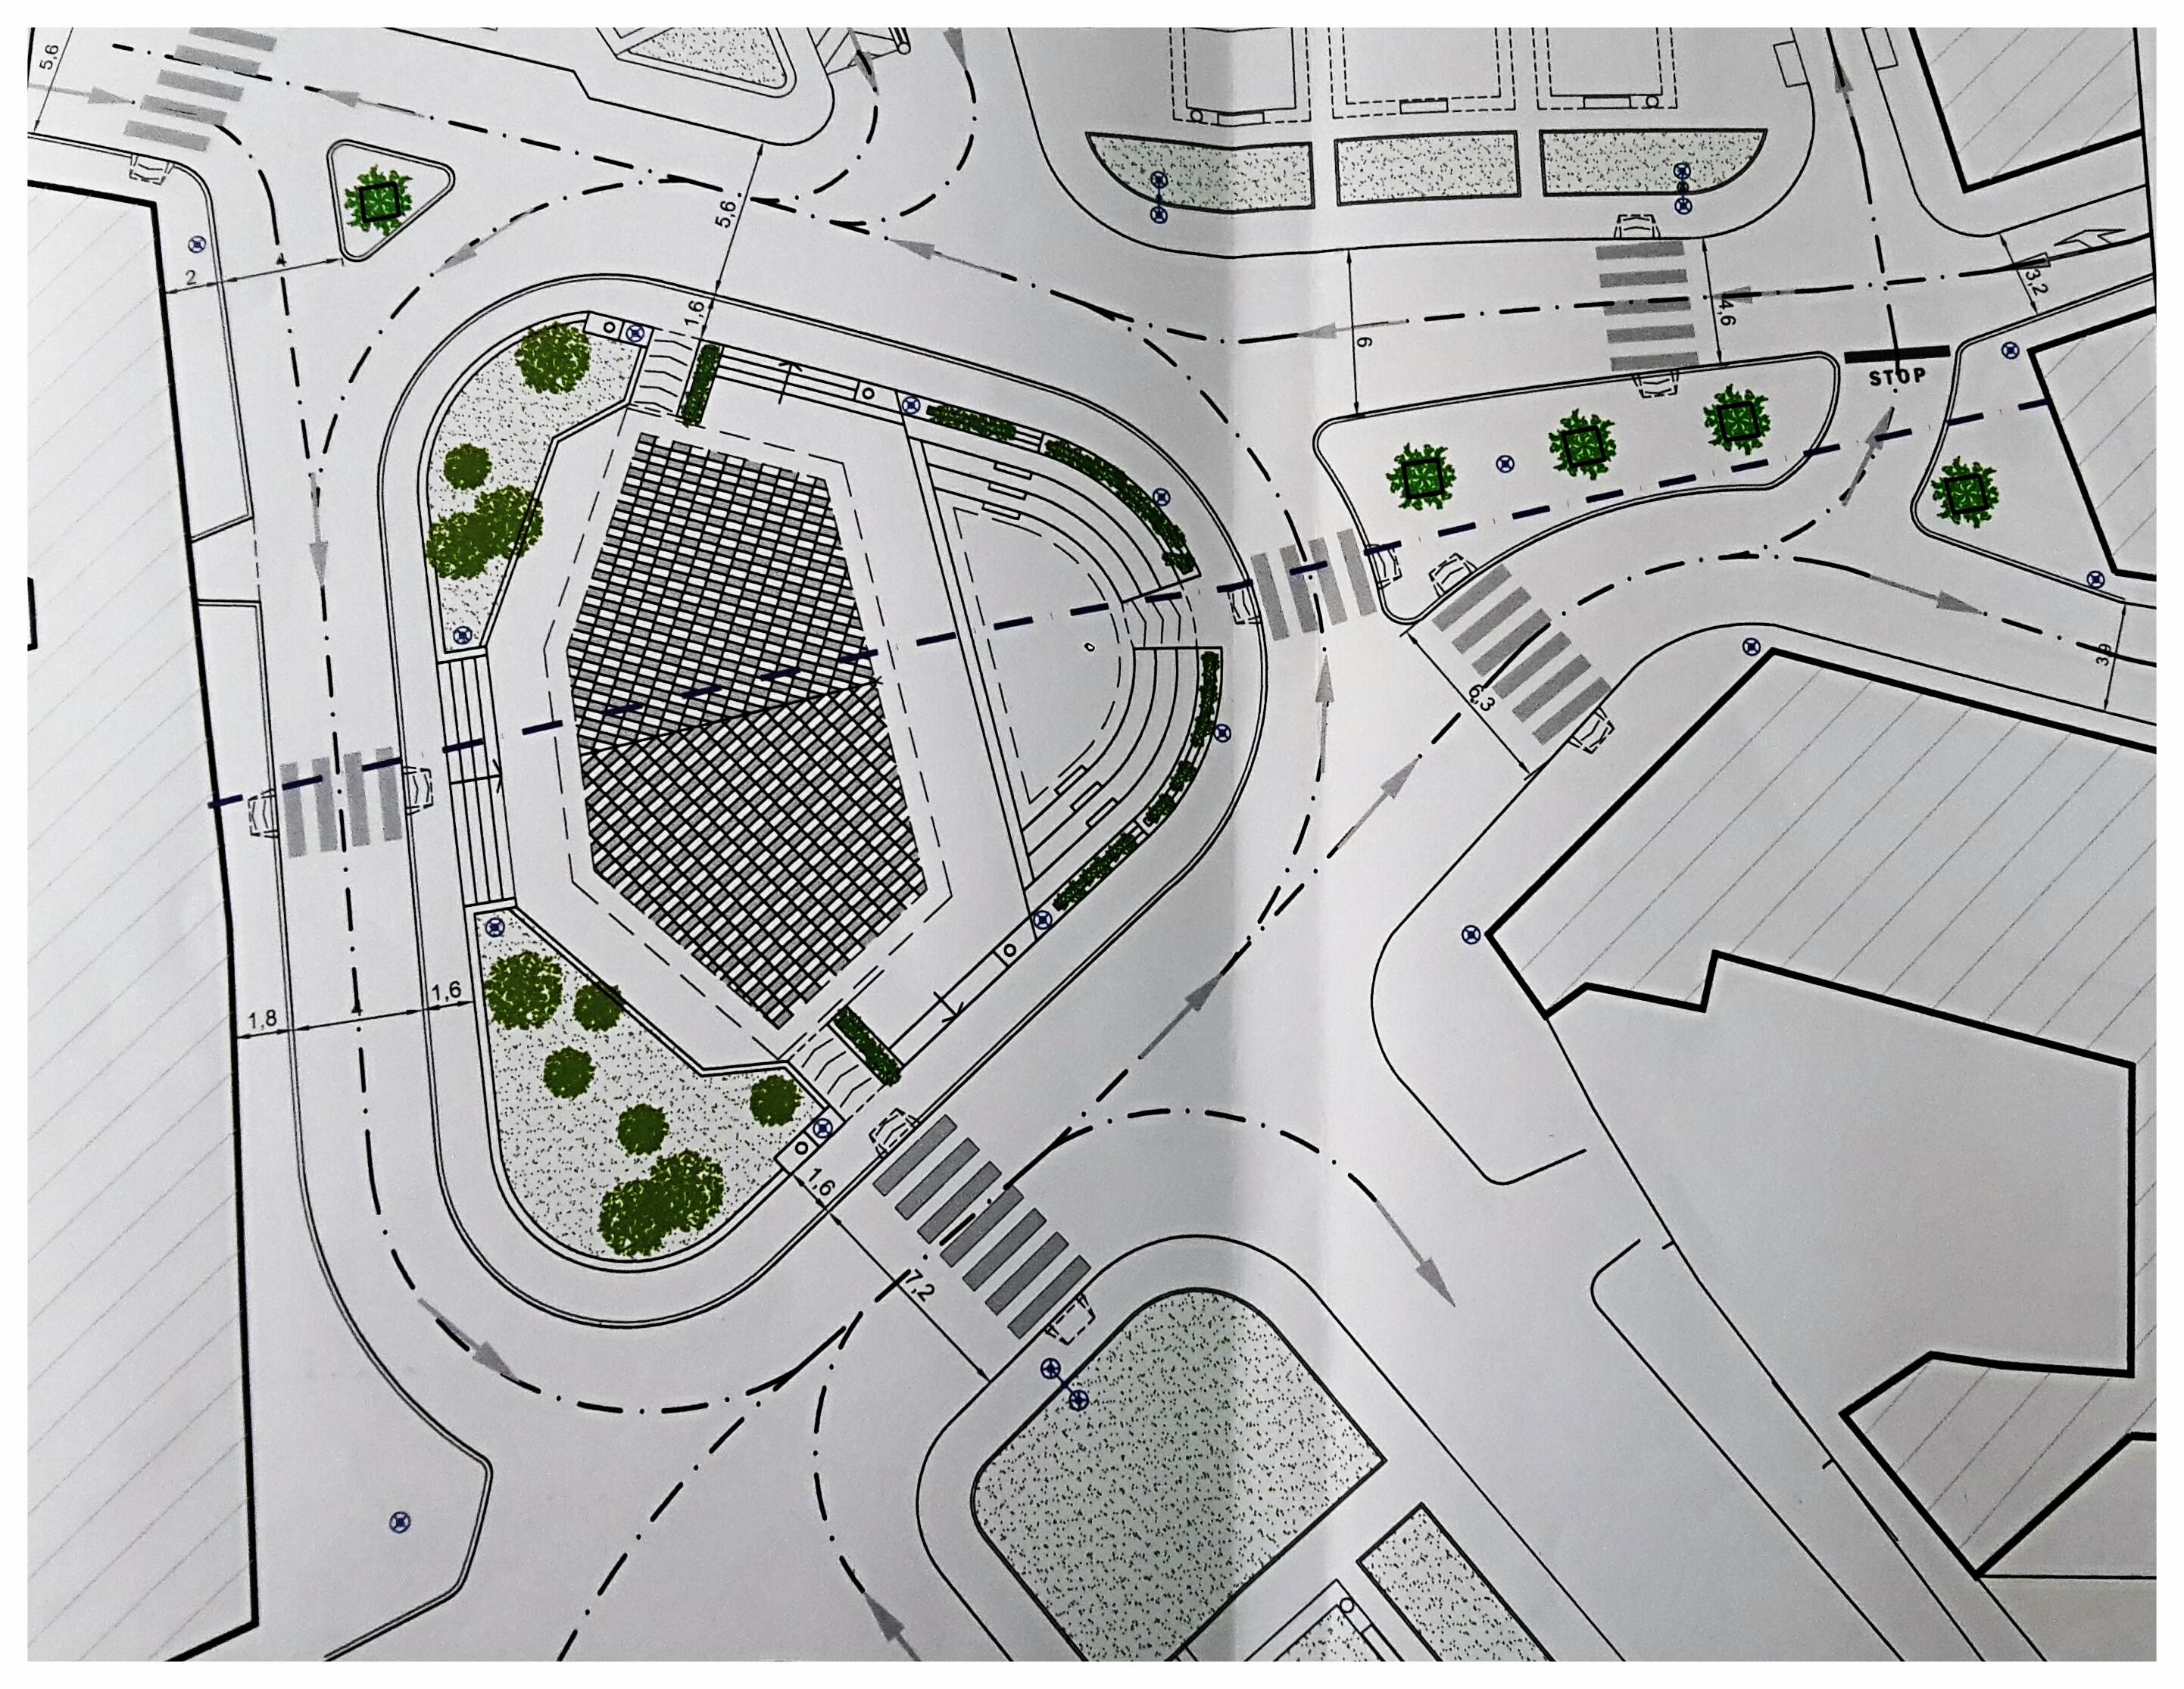 Il nuovo volto di Piazza Massimo Troisi cambia la viabilità, aumentano gli spazi verdi Il sindaco: ...